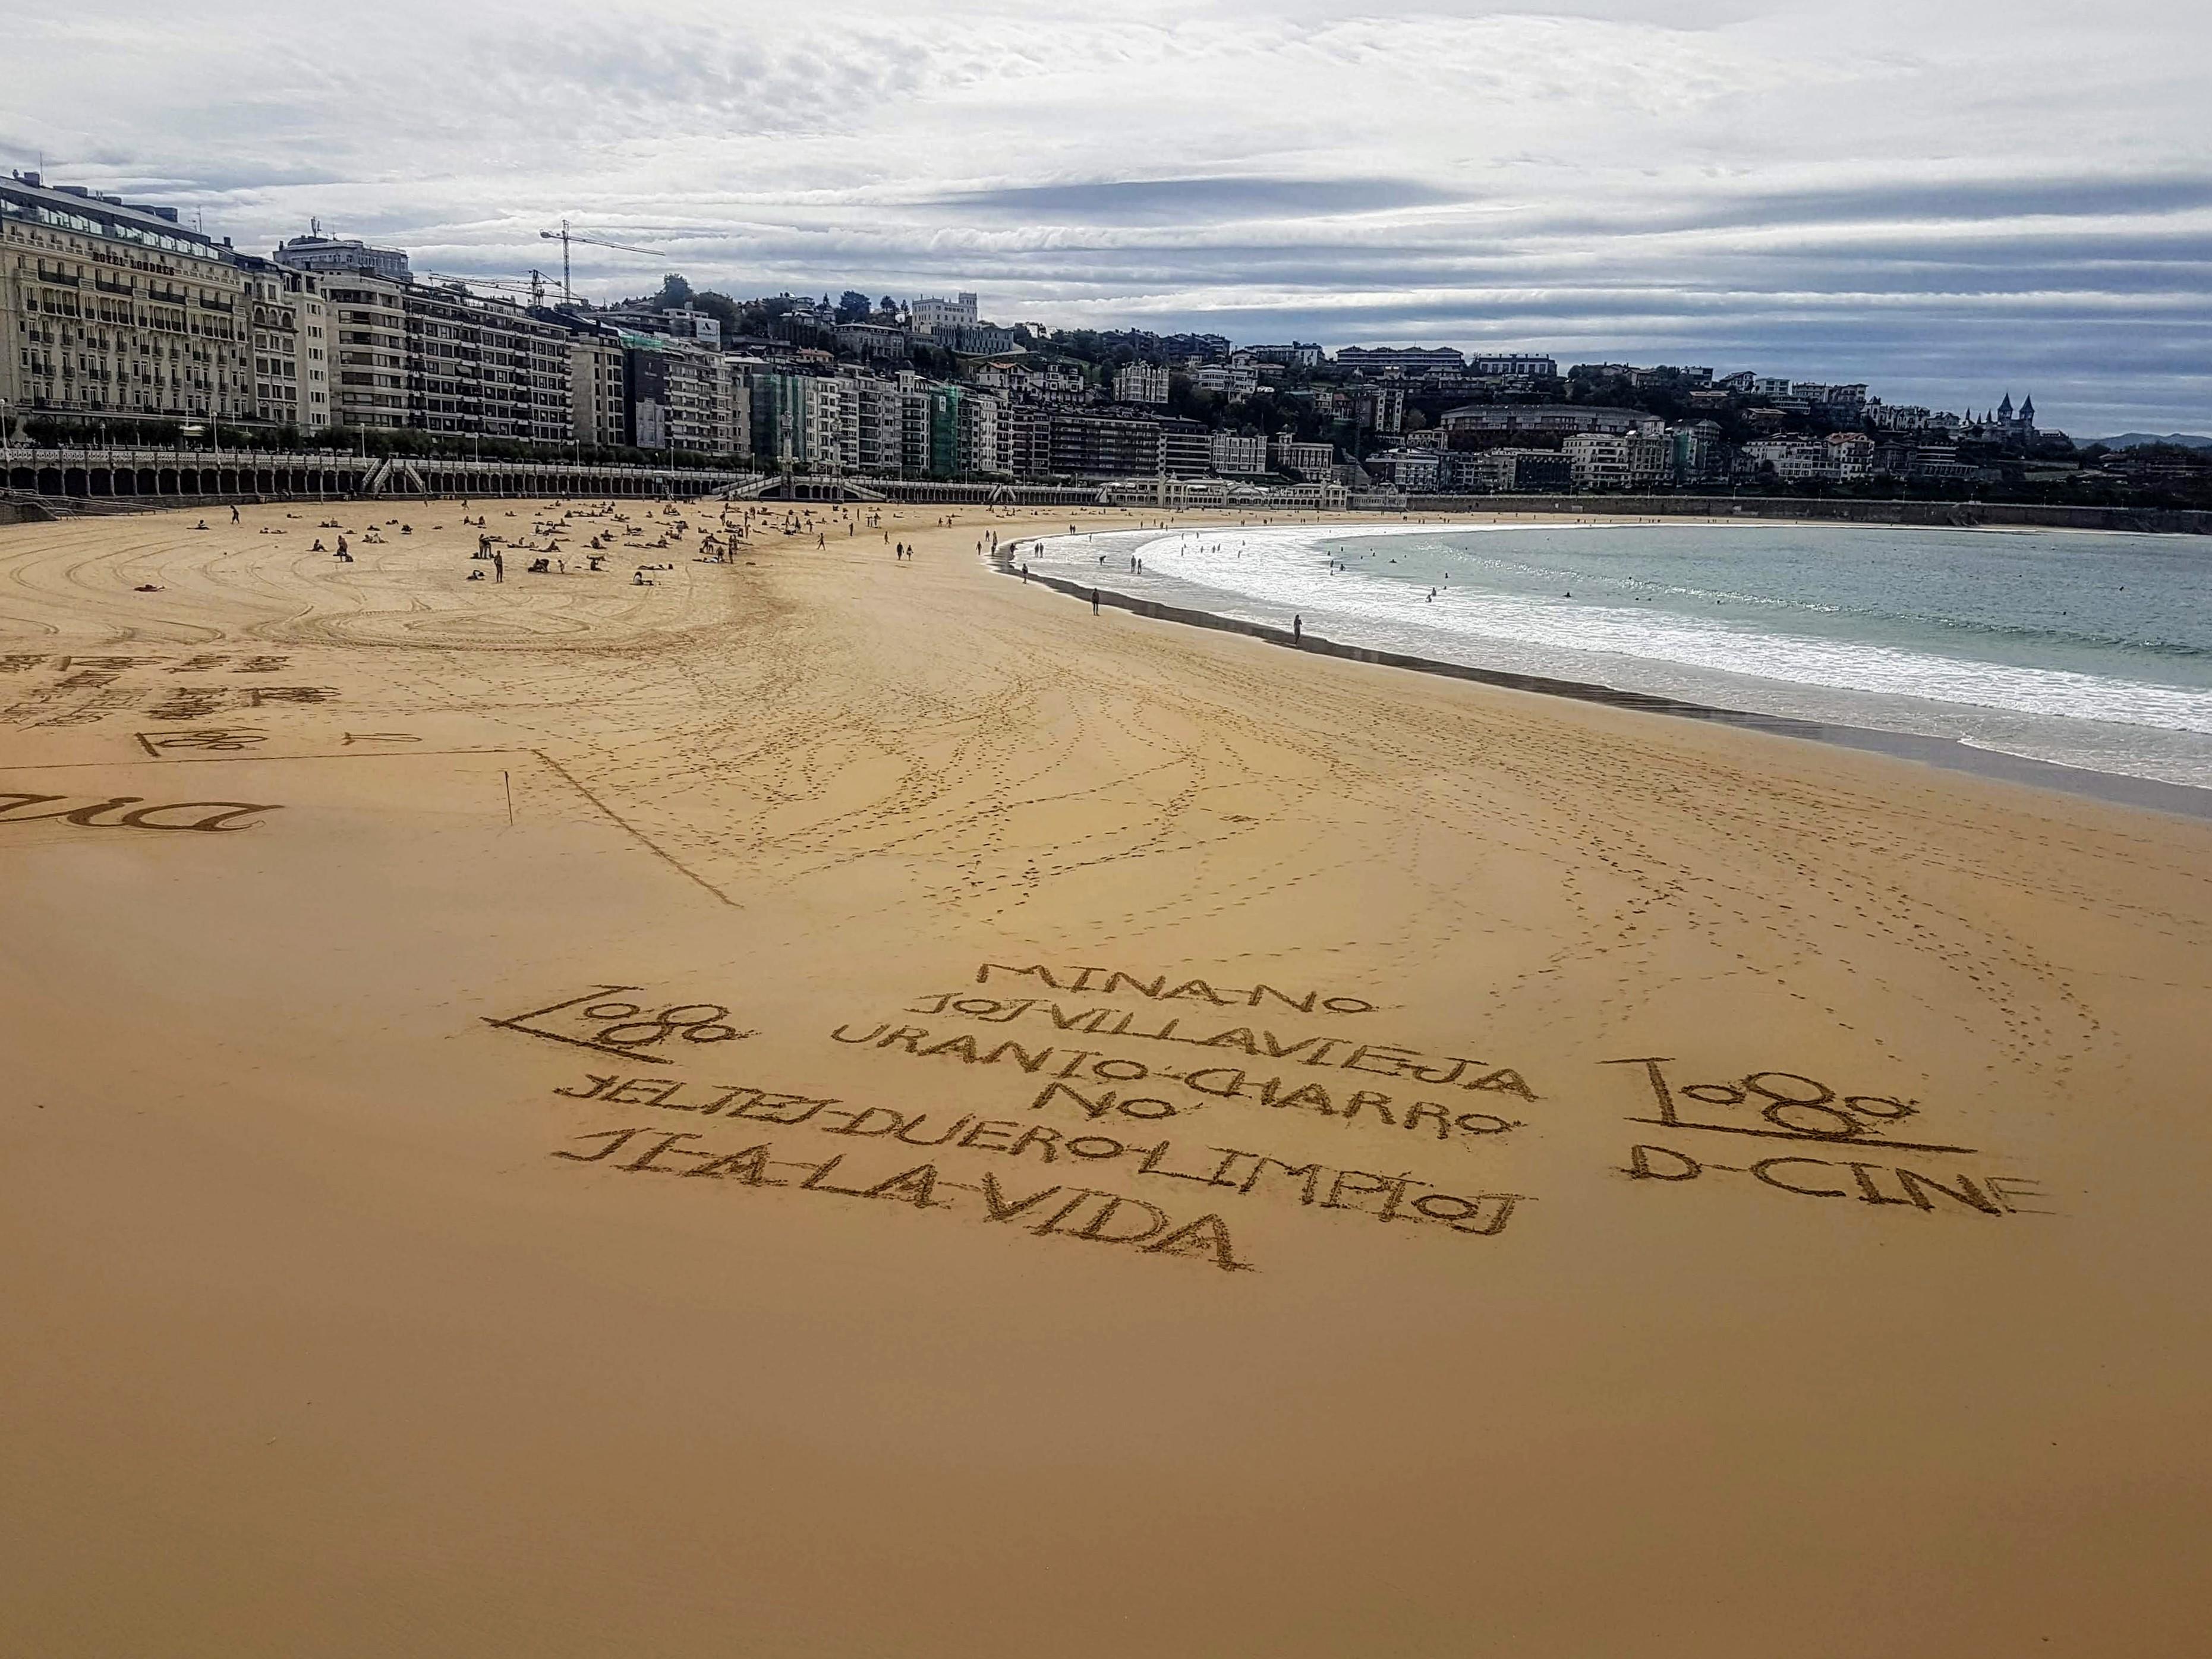 la_concha_beach